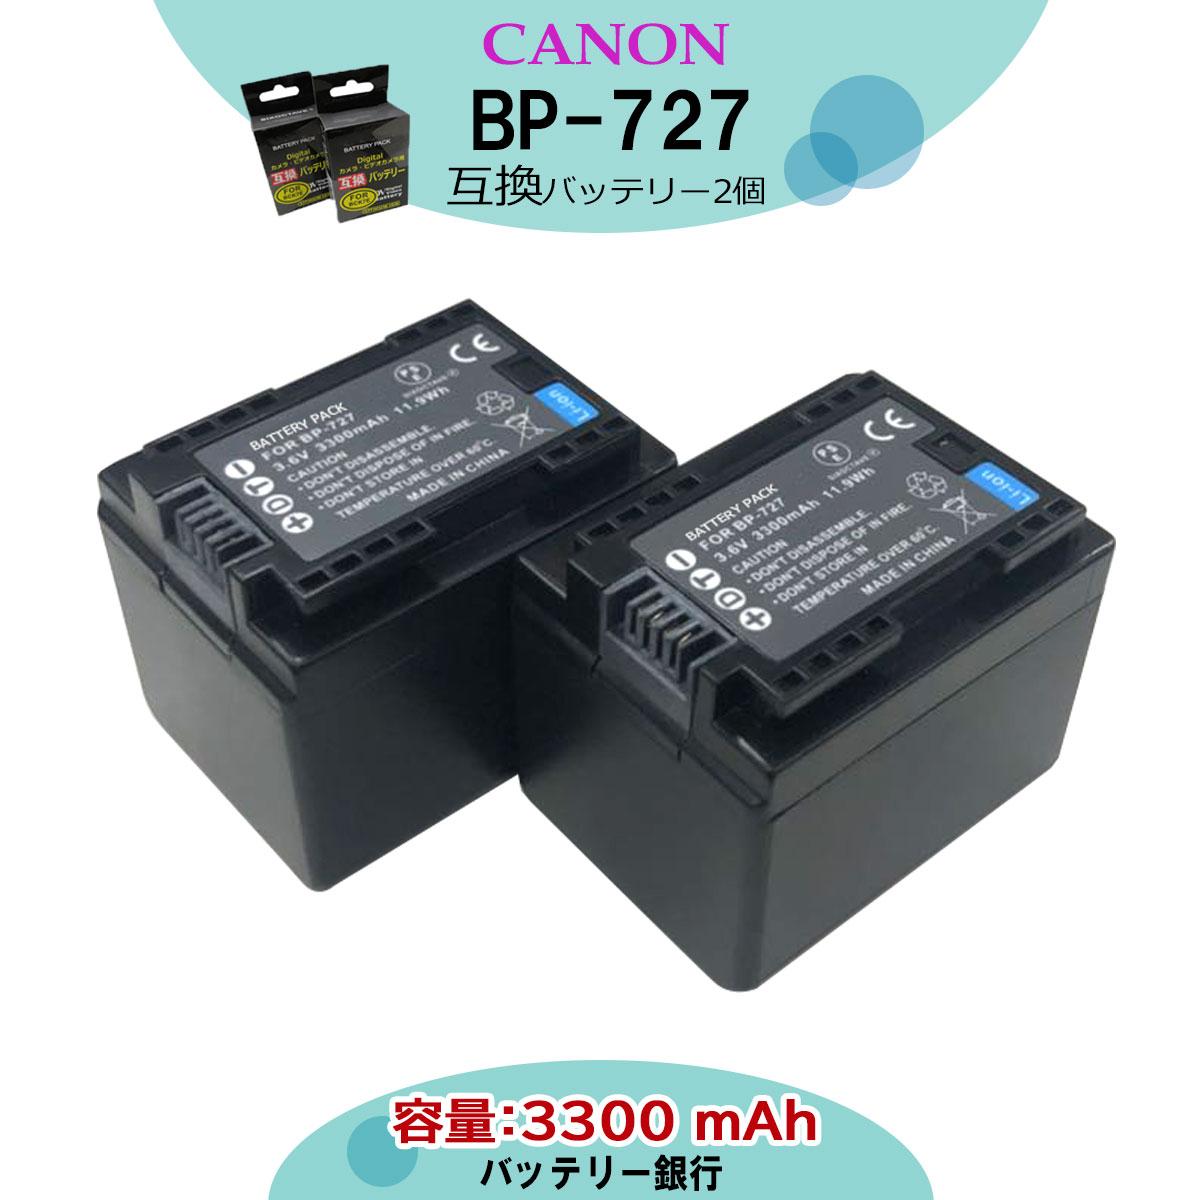 CANNON BP-727 互換バッテリー 2個 残量表示可能【6ヶ月保証】(純正充電器 CG-700 で充電可能)iVIS HF M52 / iVIS HF M51 / iVIS